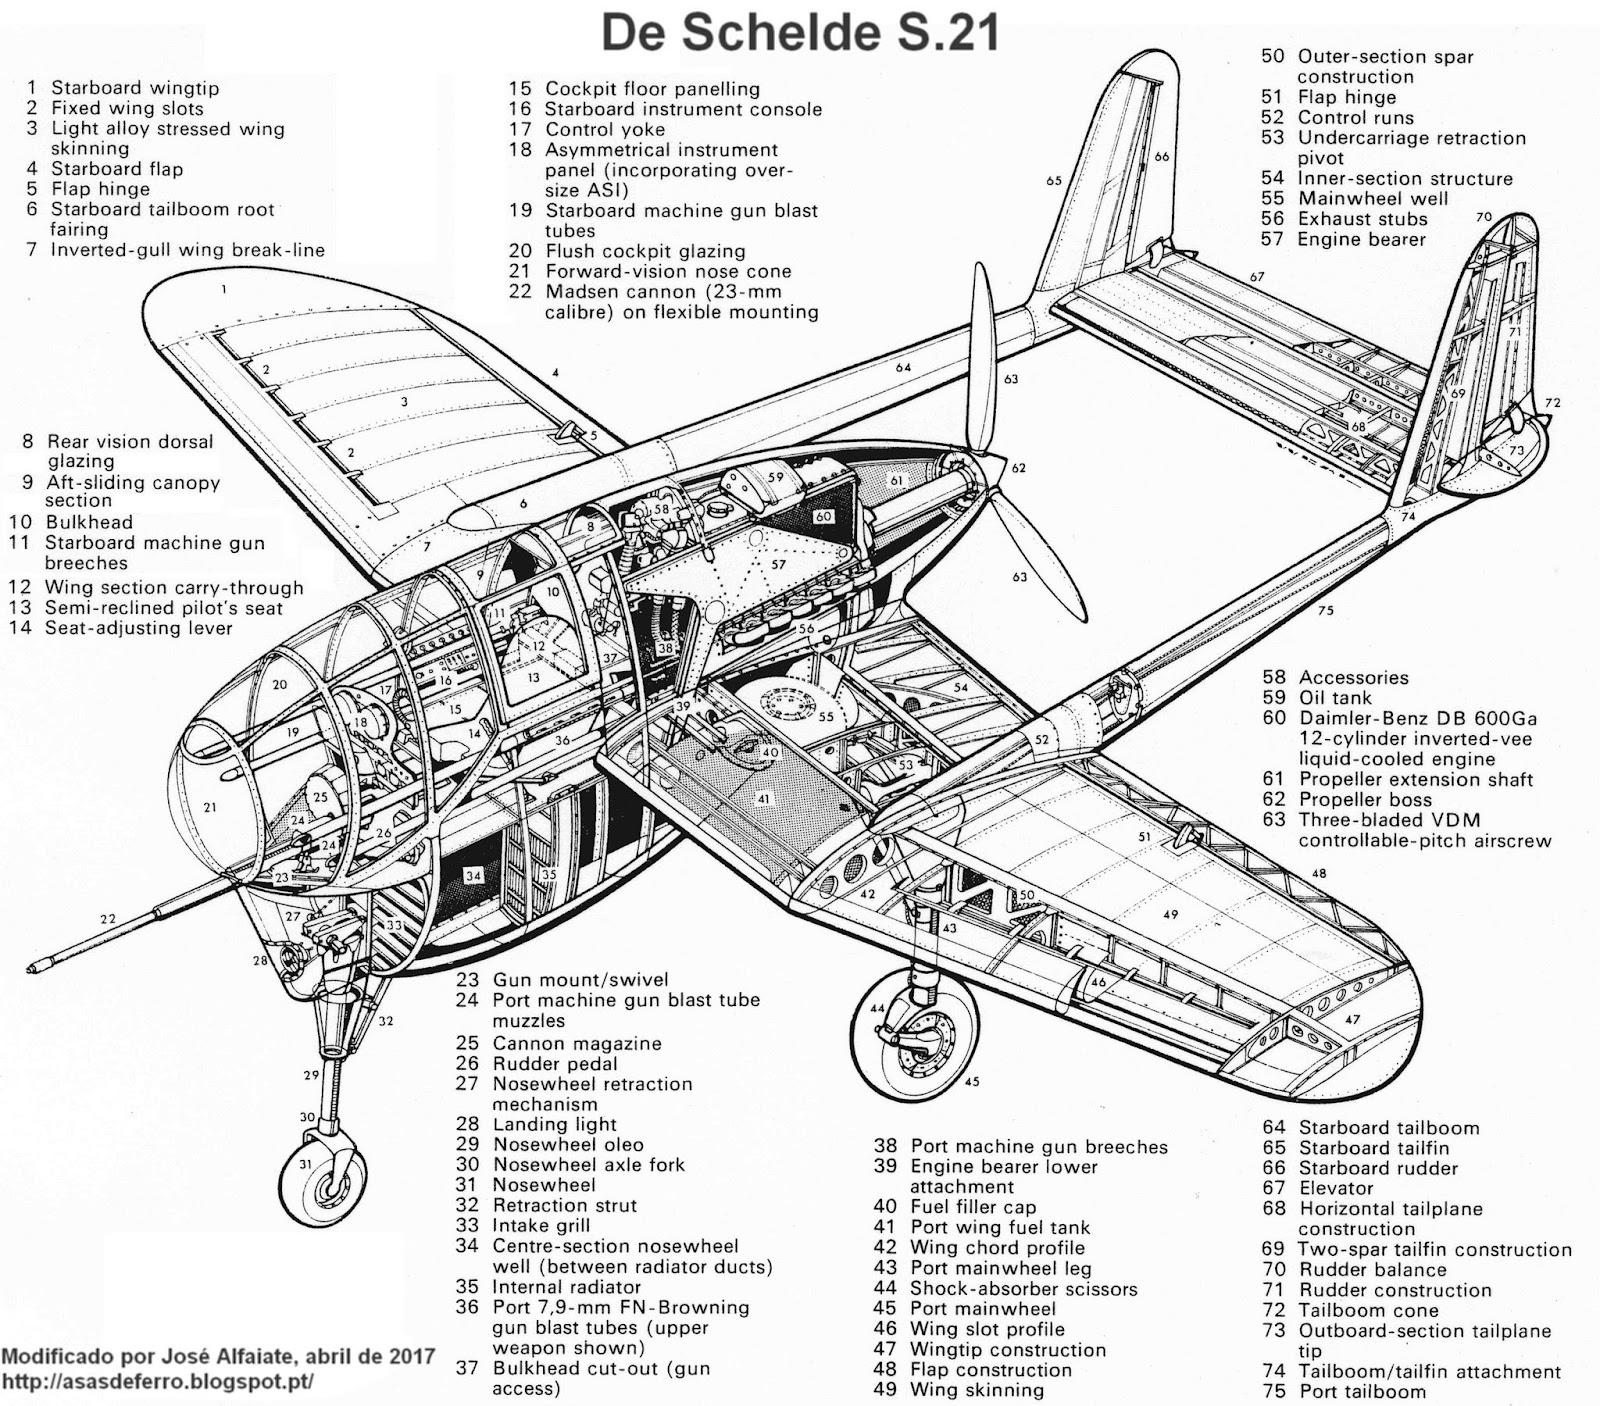 Avioes Militares Cacas Trifuselados Com Motor De Pistao